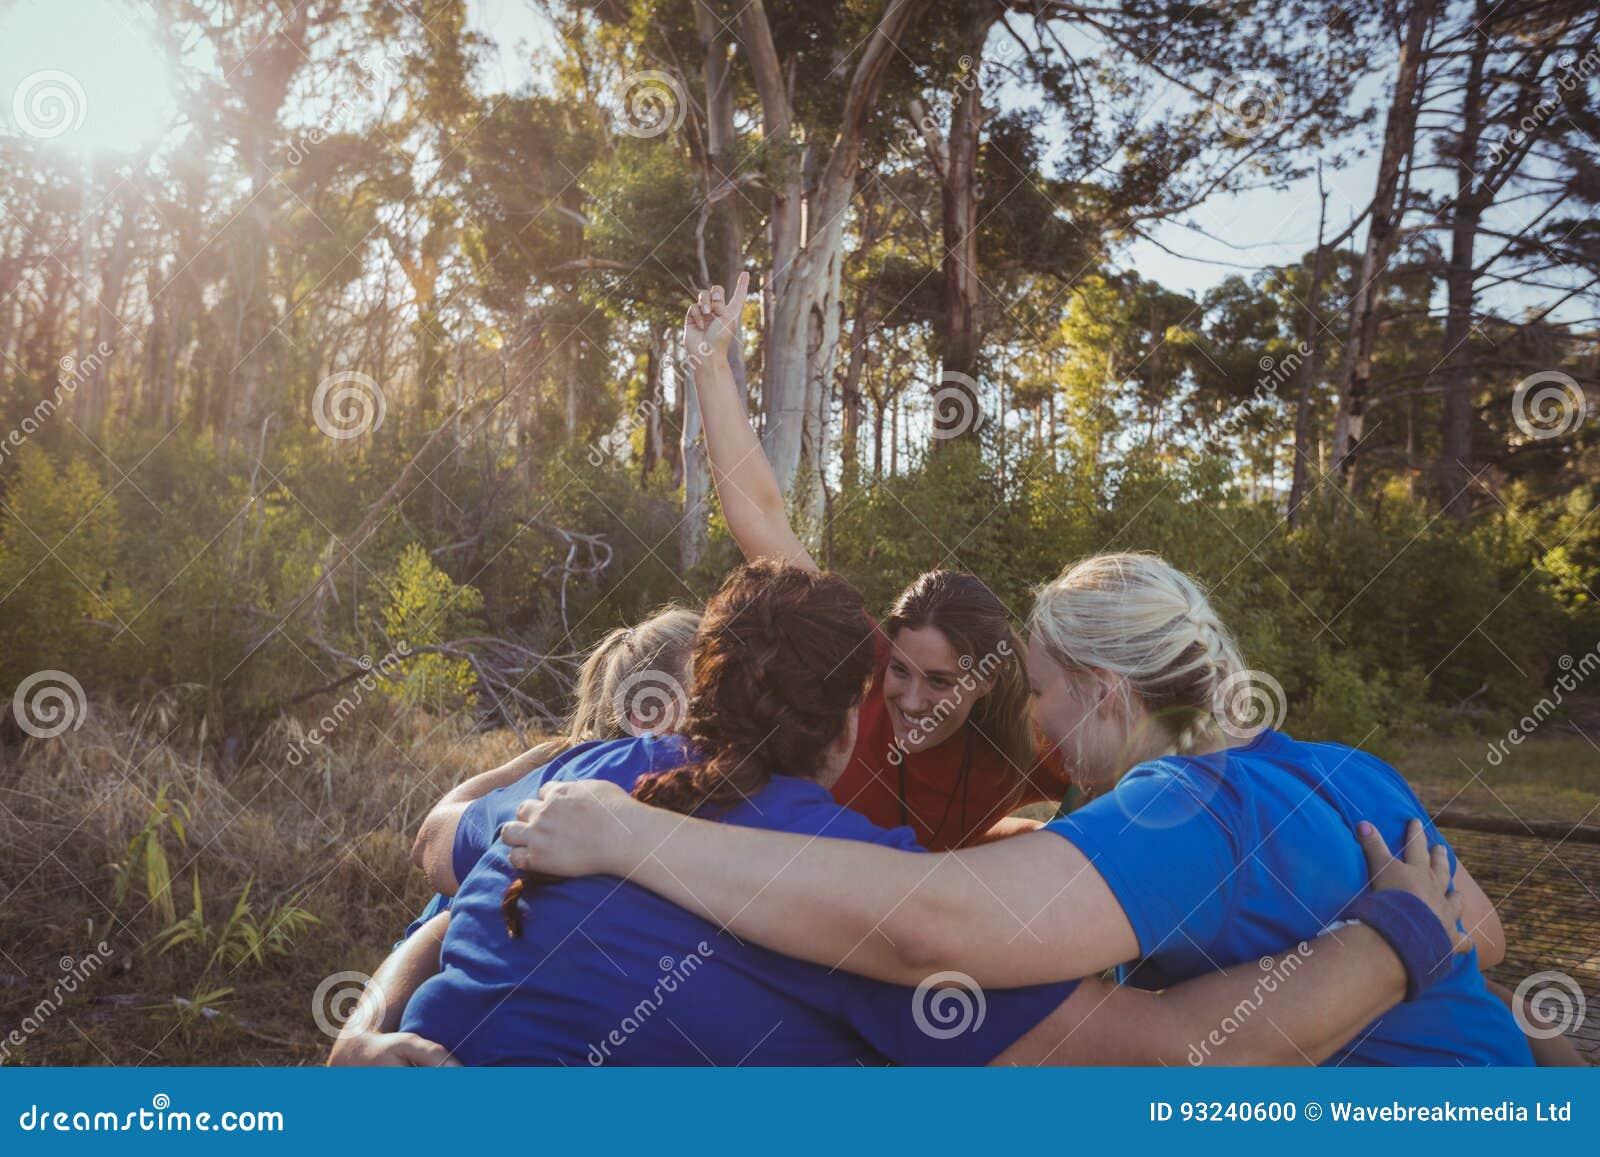 Foto Grupos Forman De Que En Grupo Campo El Mujeres Bota rCeoWdxB